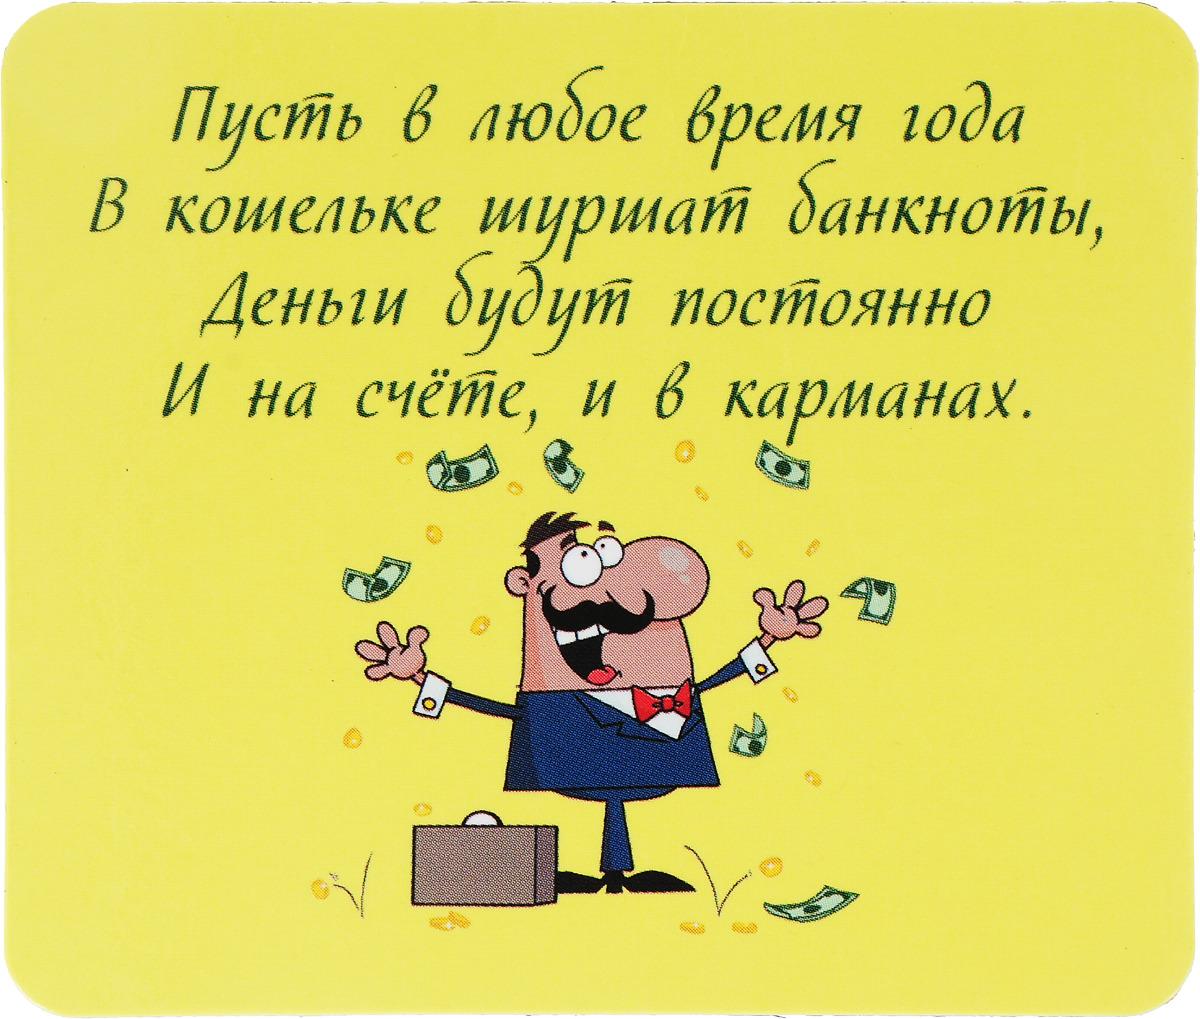 Магнит сувенирный Miland Пусть в любое время года кошельке шуршат банкноты, Т-3331, мультиколор